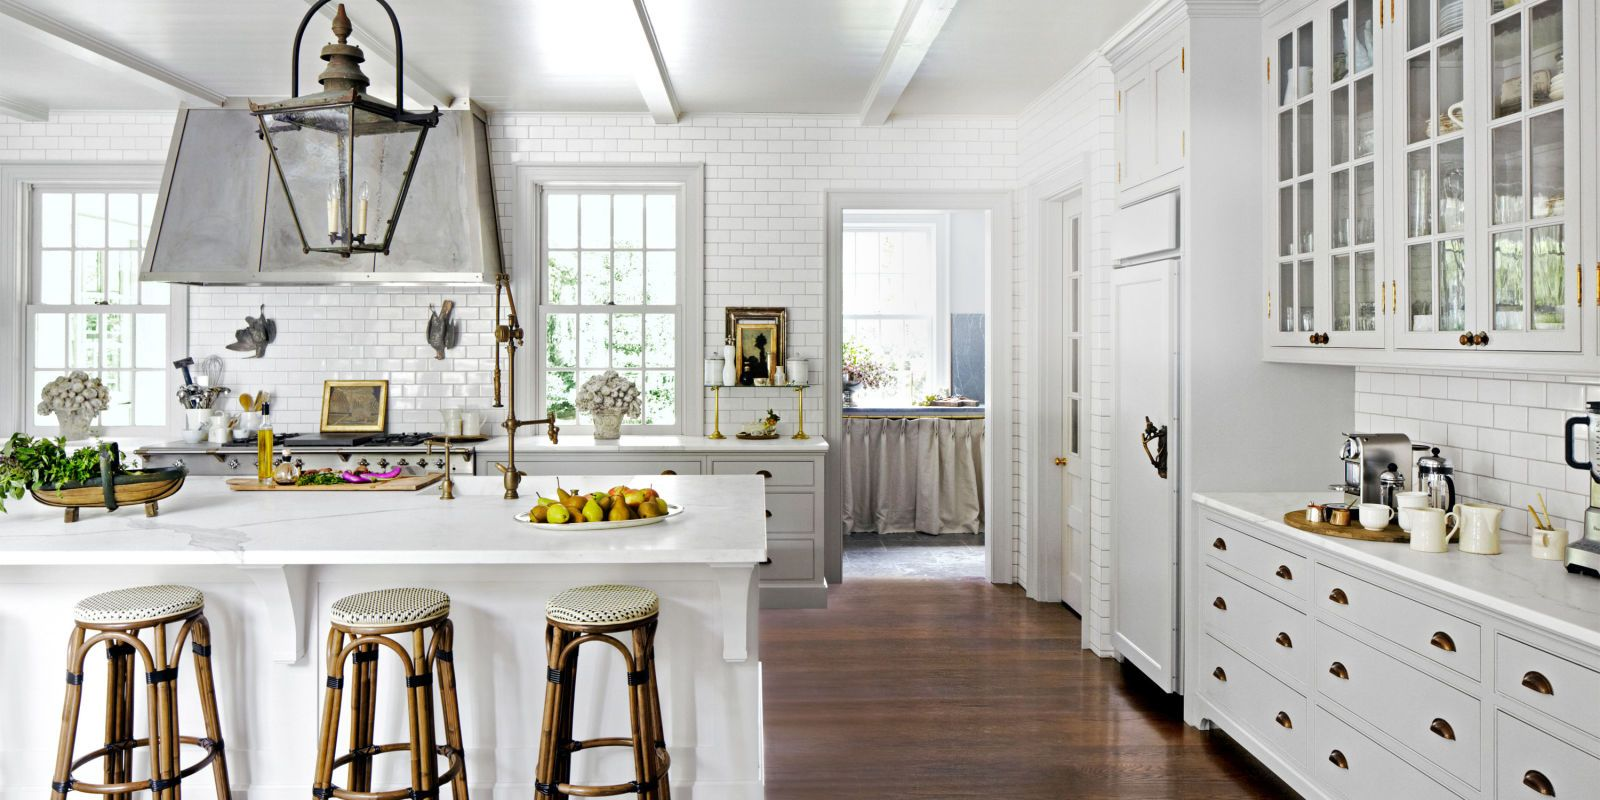 وقتي تصميم مي گيريم که يک آشپزخانه کاملا سفيد با کابینت های سفید